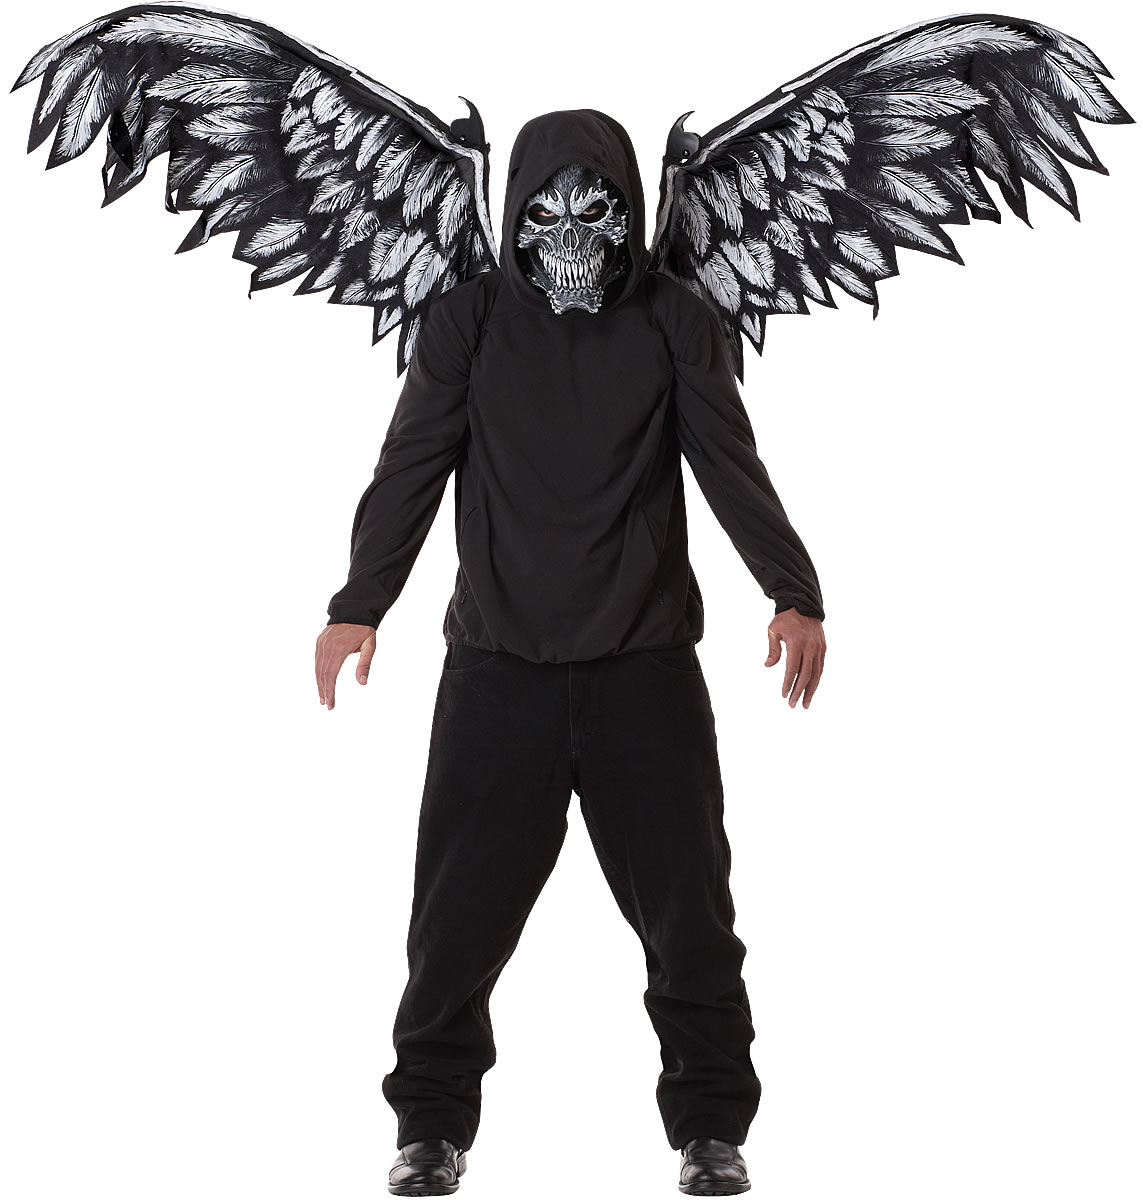 Fallen Angel Costumes (for Men, Women, Kids) | Parties Costume